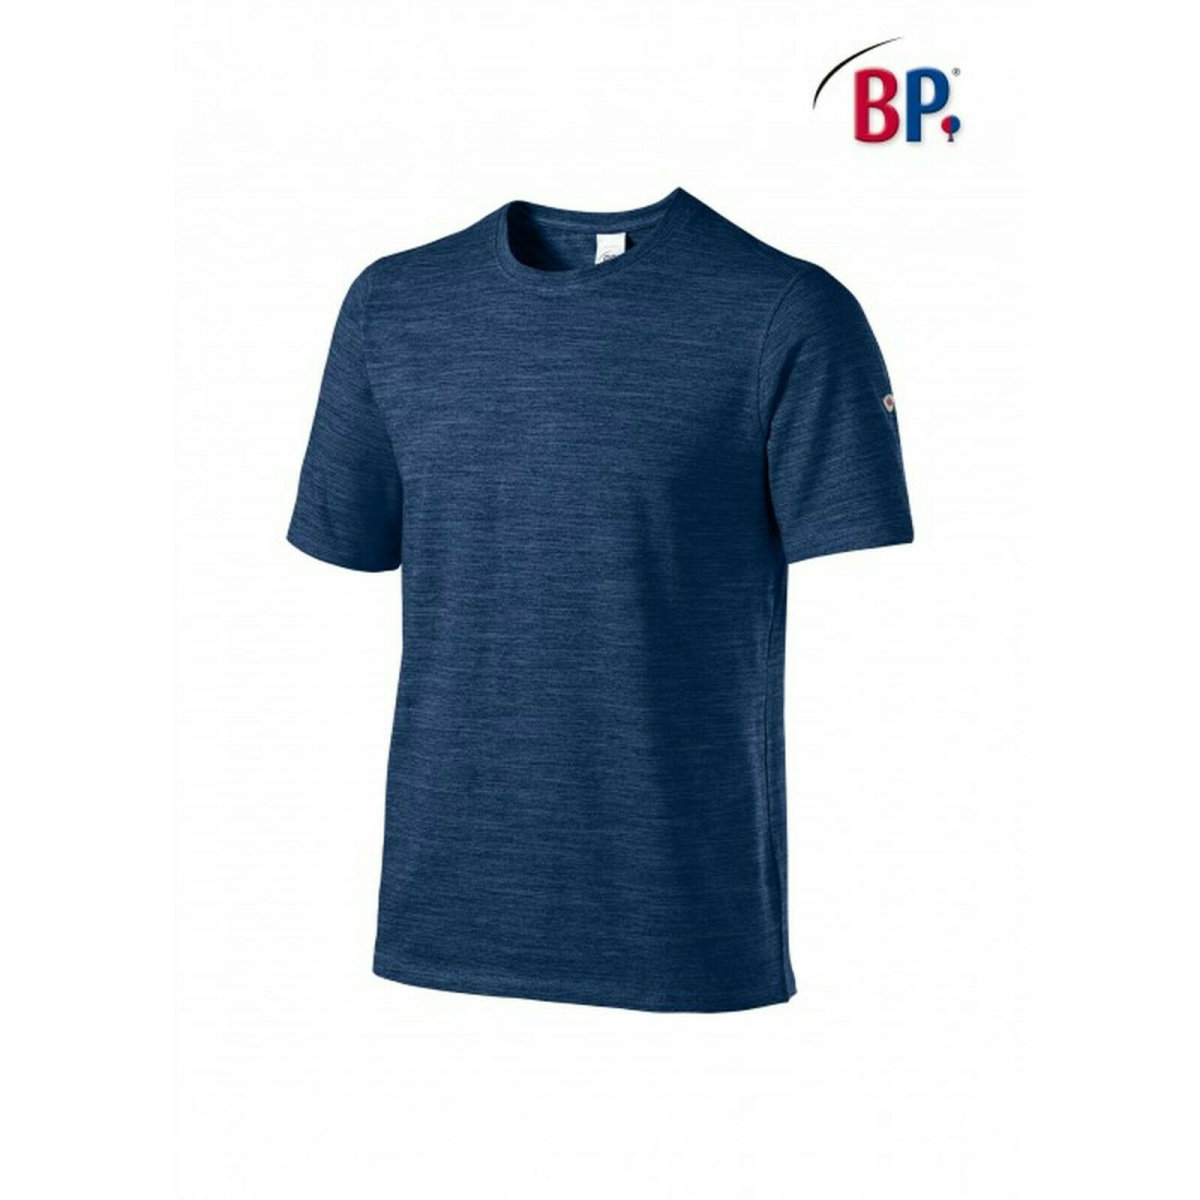 BP Workwear T-Shirt für Sie & Ihn 1714 space blau modern fit Shirt Stretch 3XL